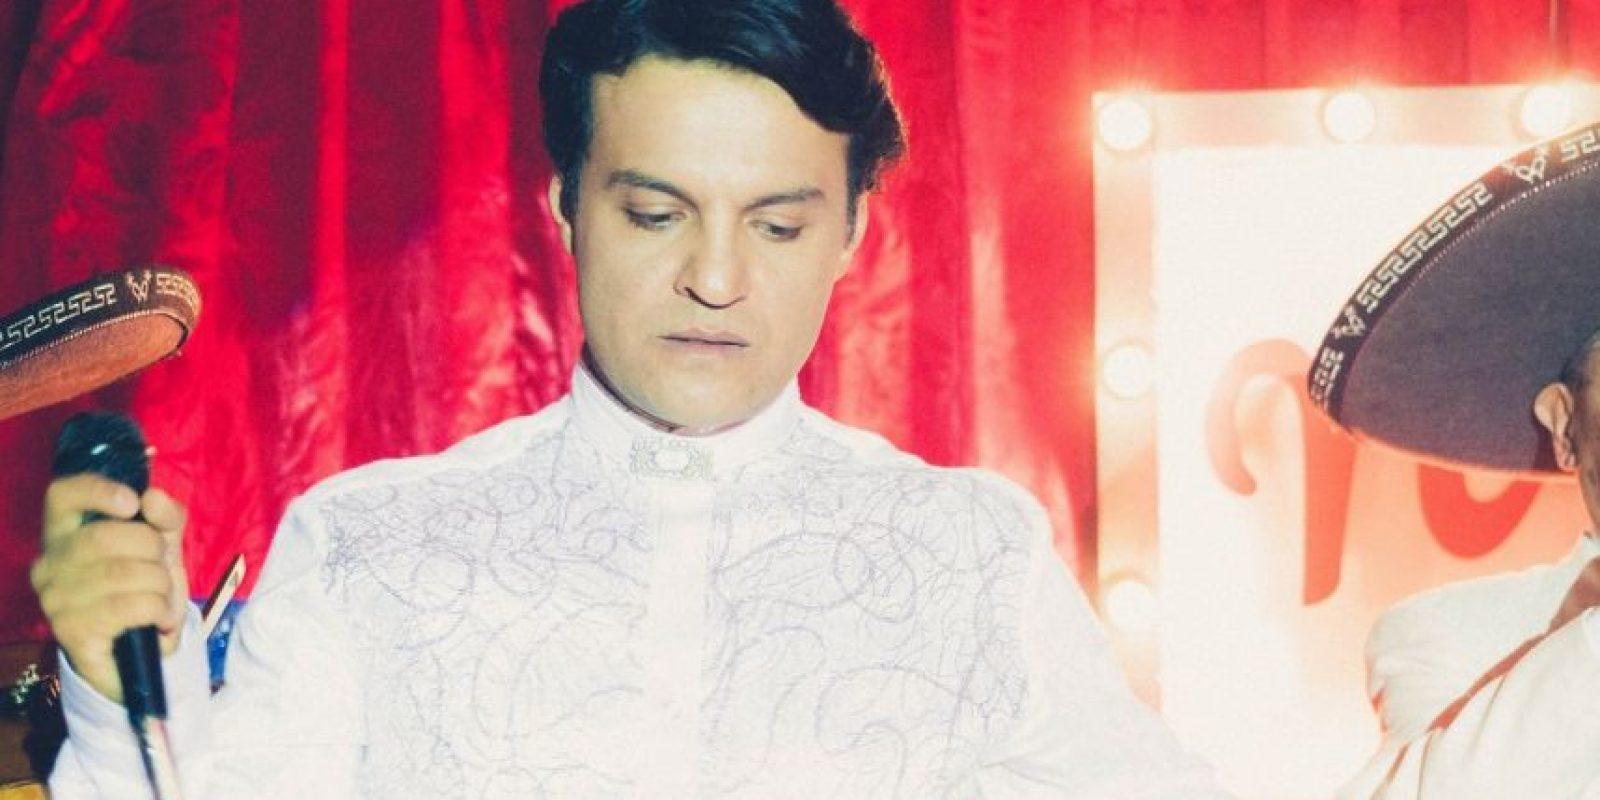 La producción comenzará después de los homenajes al cantante, según medios mexicanos Foto:Facebook: Juan Gabriel, Hasta Que Te Conocí